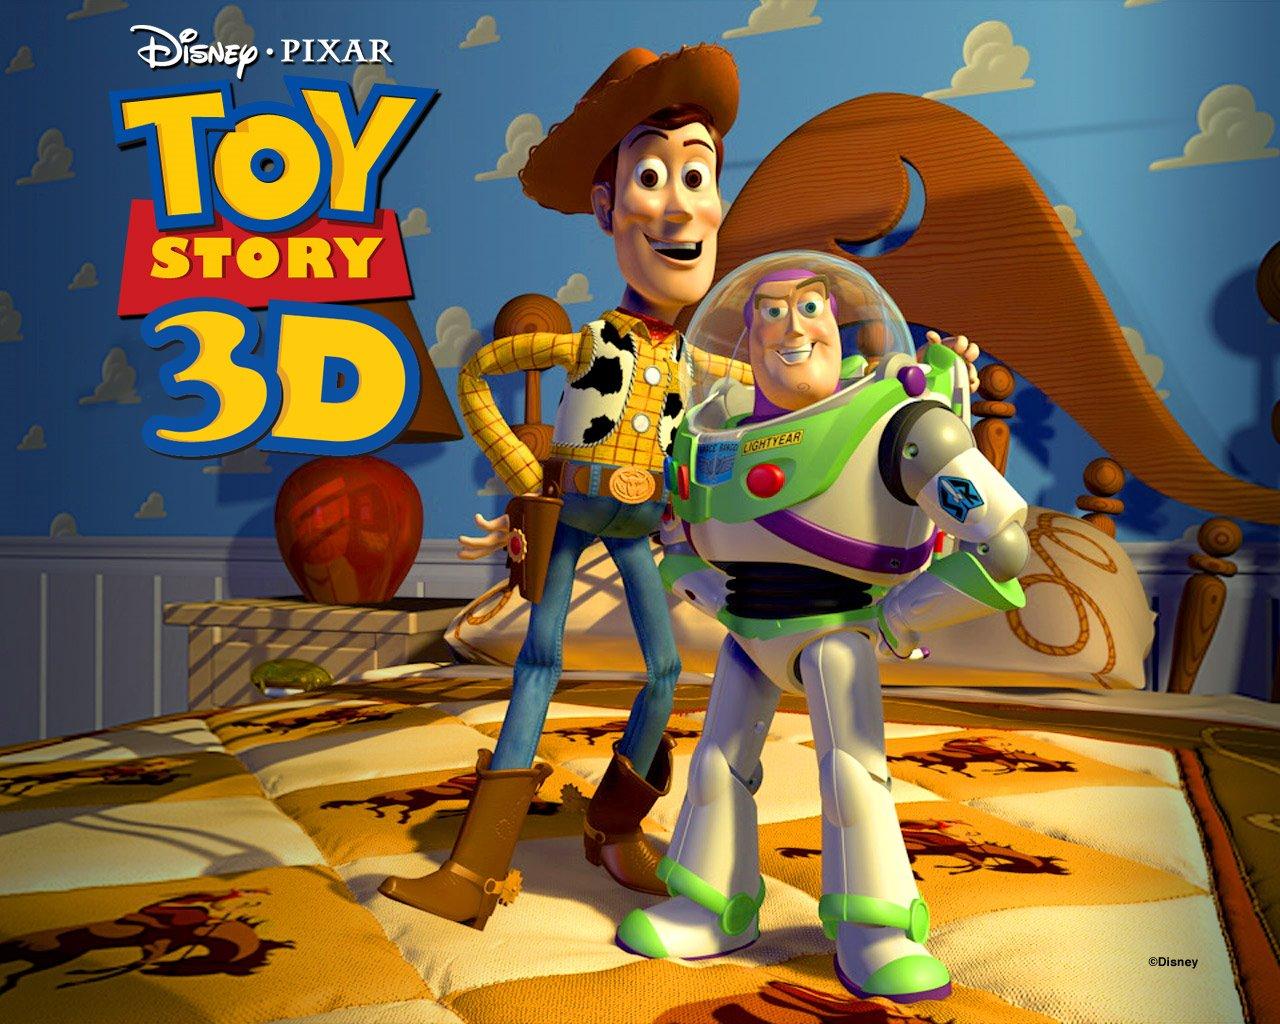 http://1.bp.blogspot.com/_9-5OLw4Vf5o/TSc8EA3L28I/AAAAAAAAFIg/ZD7xOHr-sDk/s1600/toy+story+3.jpg